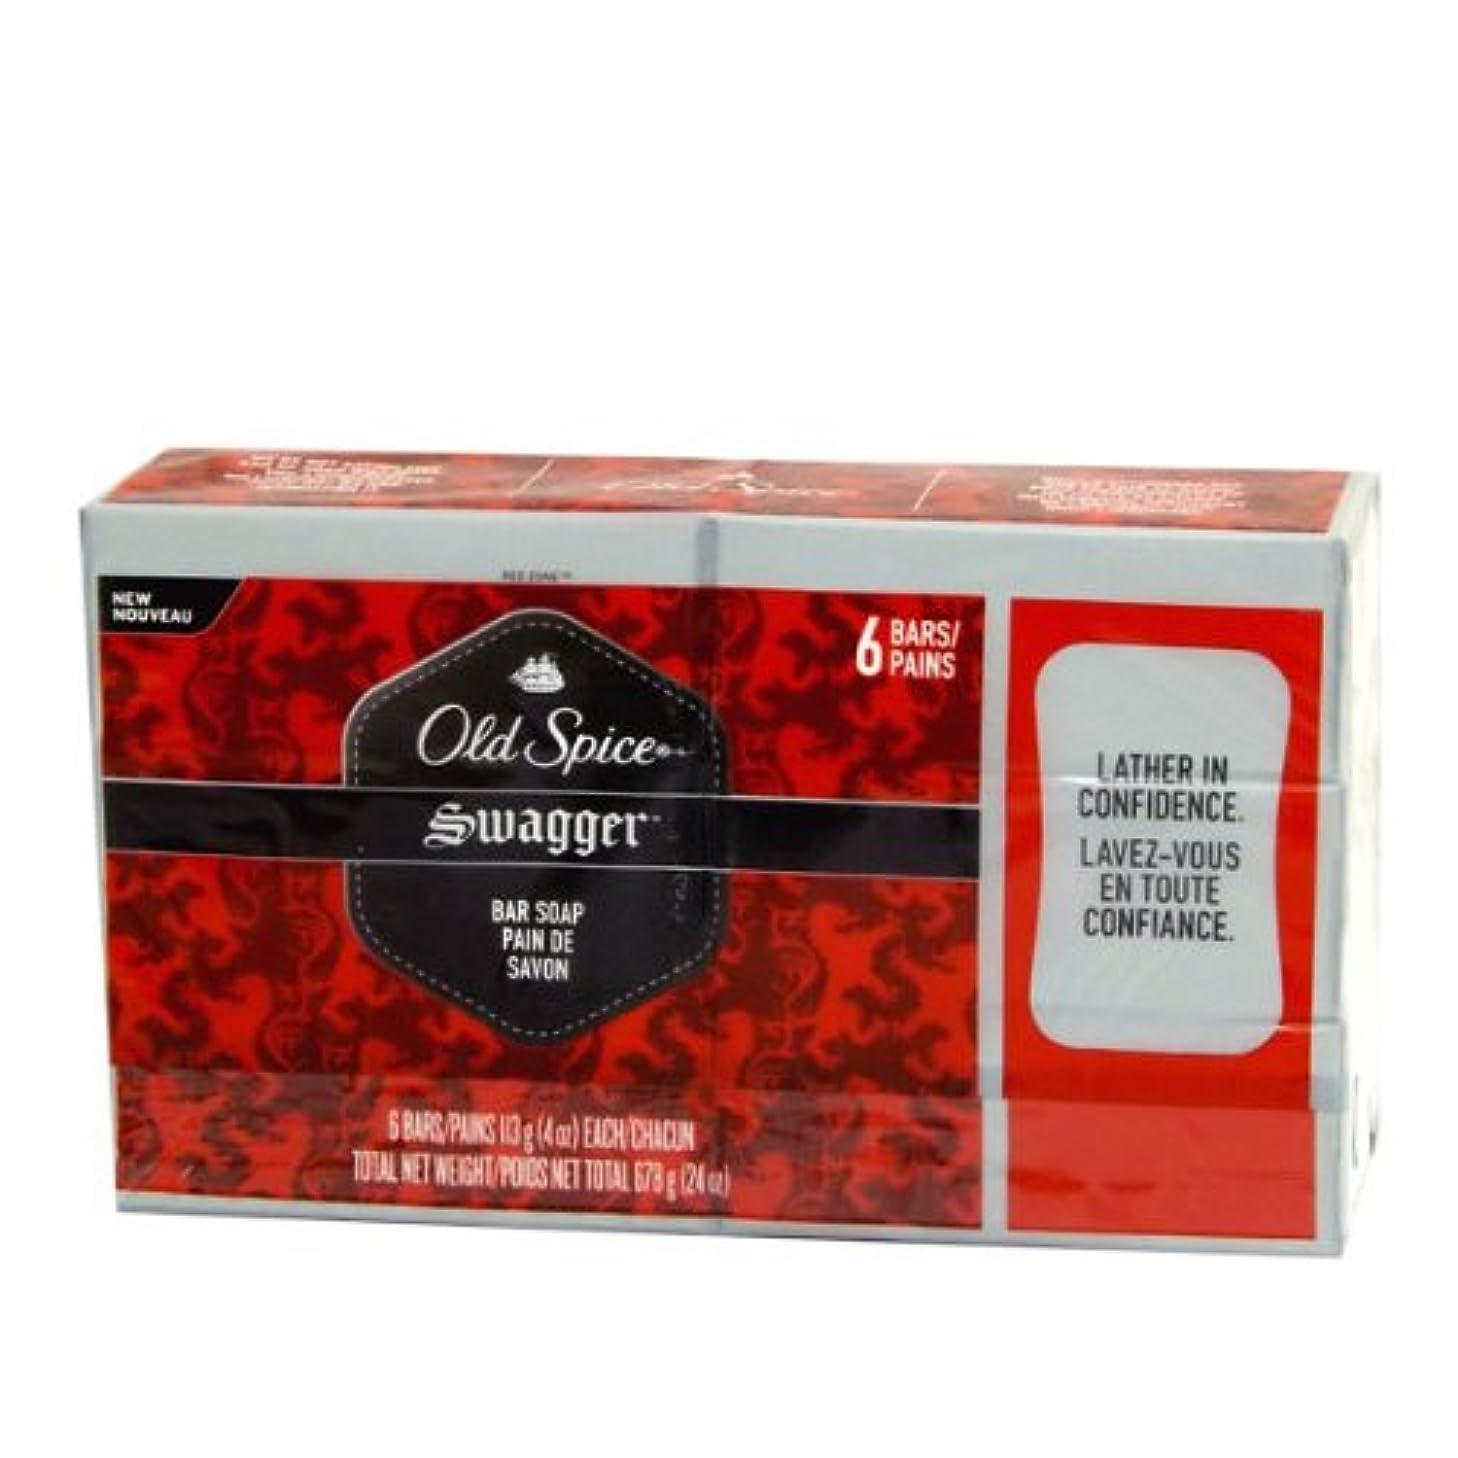 懐温帯文房具Old spice bar soap swagger オールドスパイス バーソープ スワガー (石鹸) 6個パック [並行輸入品]